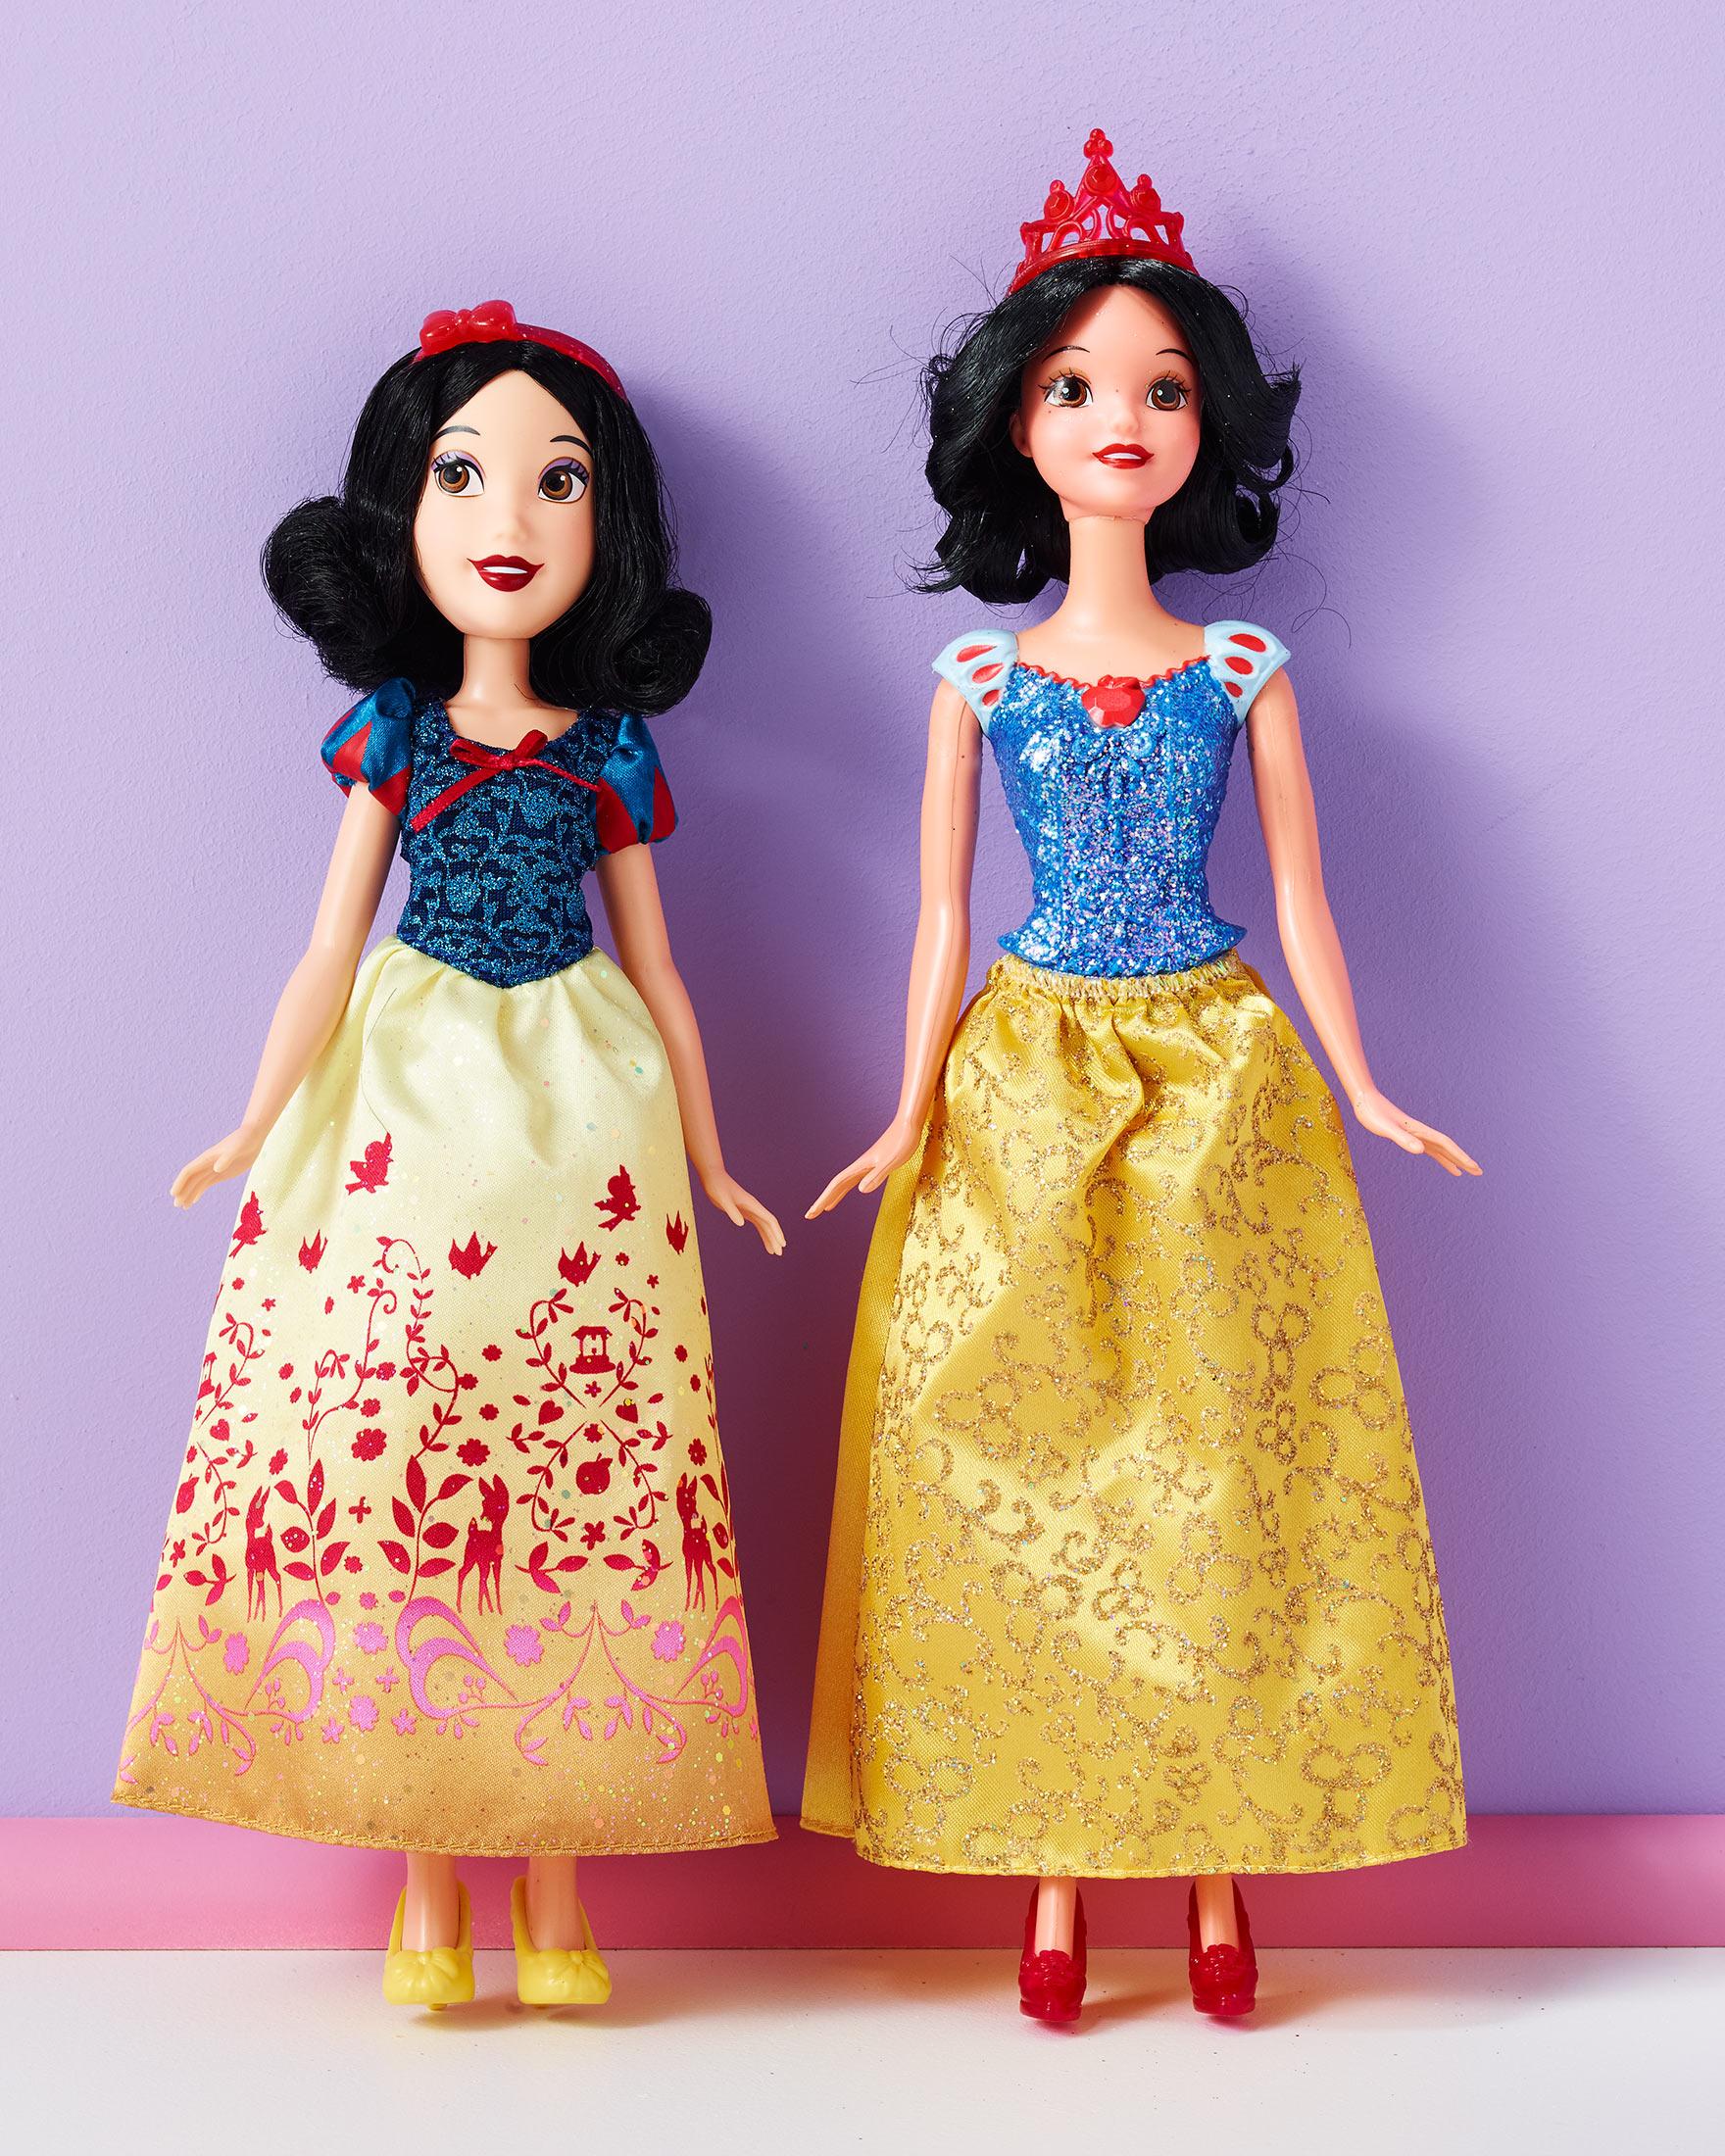 New 2016 Hasbro DP Dolls